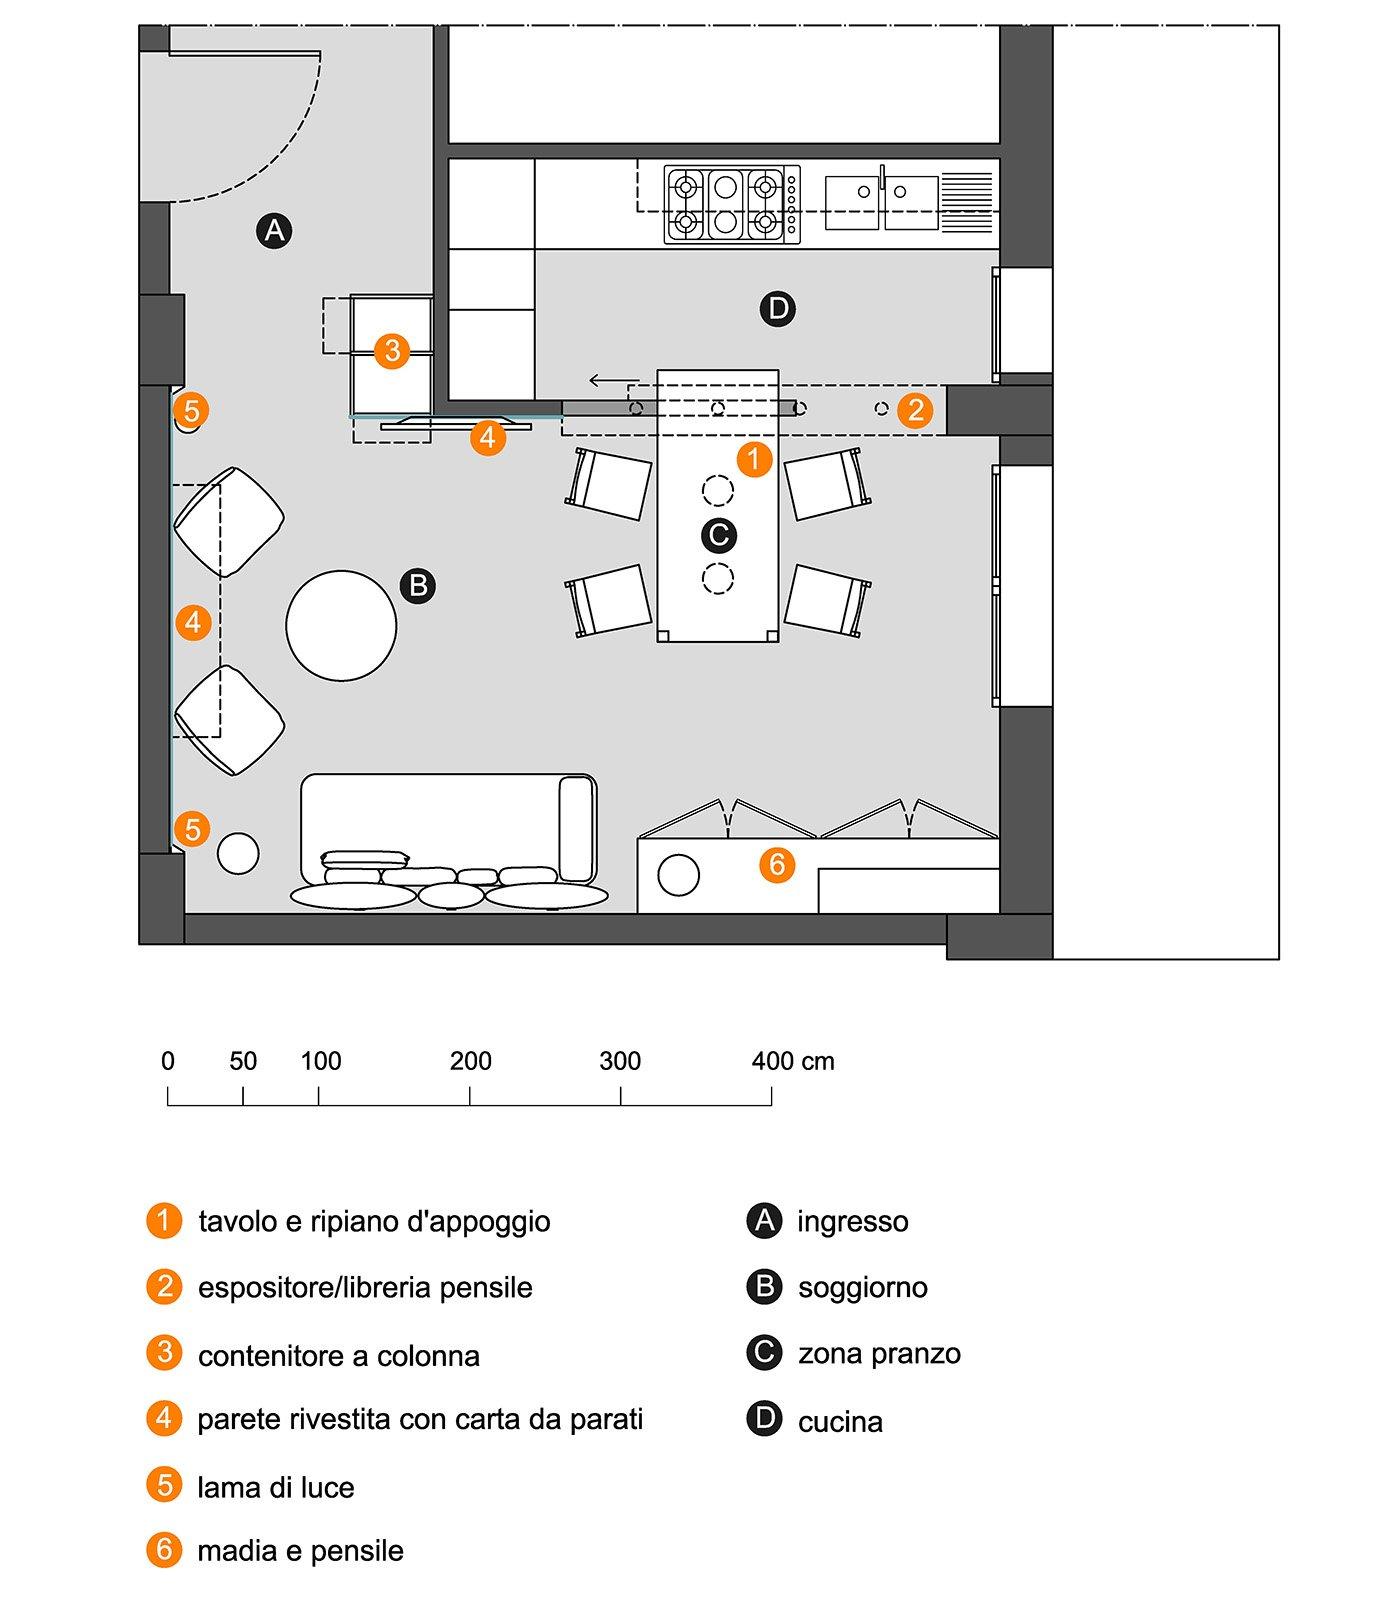 Arredare Il Soggiorno Zona Pranzo Con Cucina A Vista Cose Di Casa #C85F03 1393 1600 Arredare Il Soggiorno Con Cucina A Vista